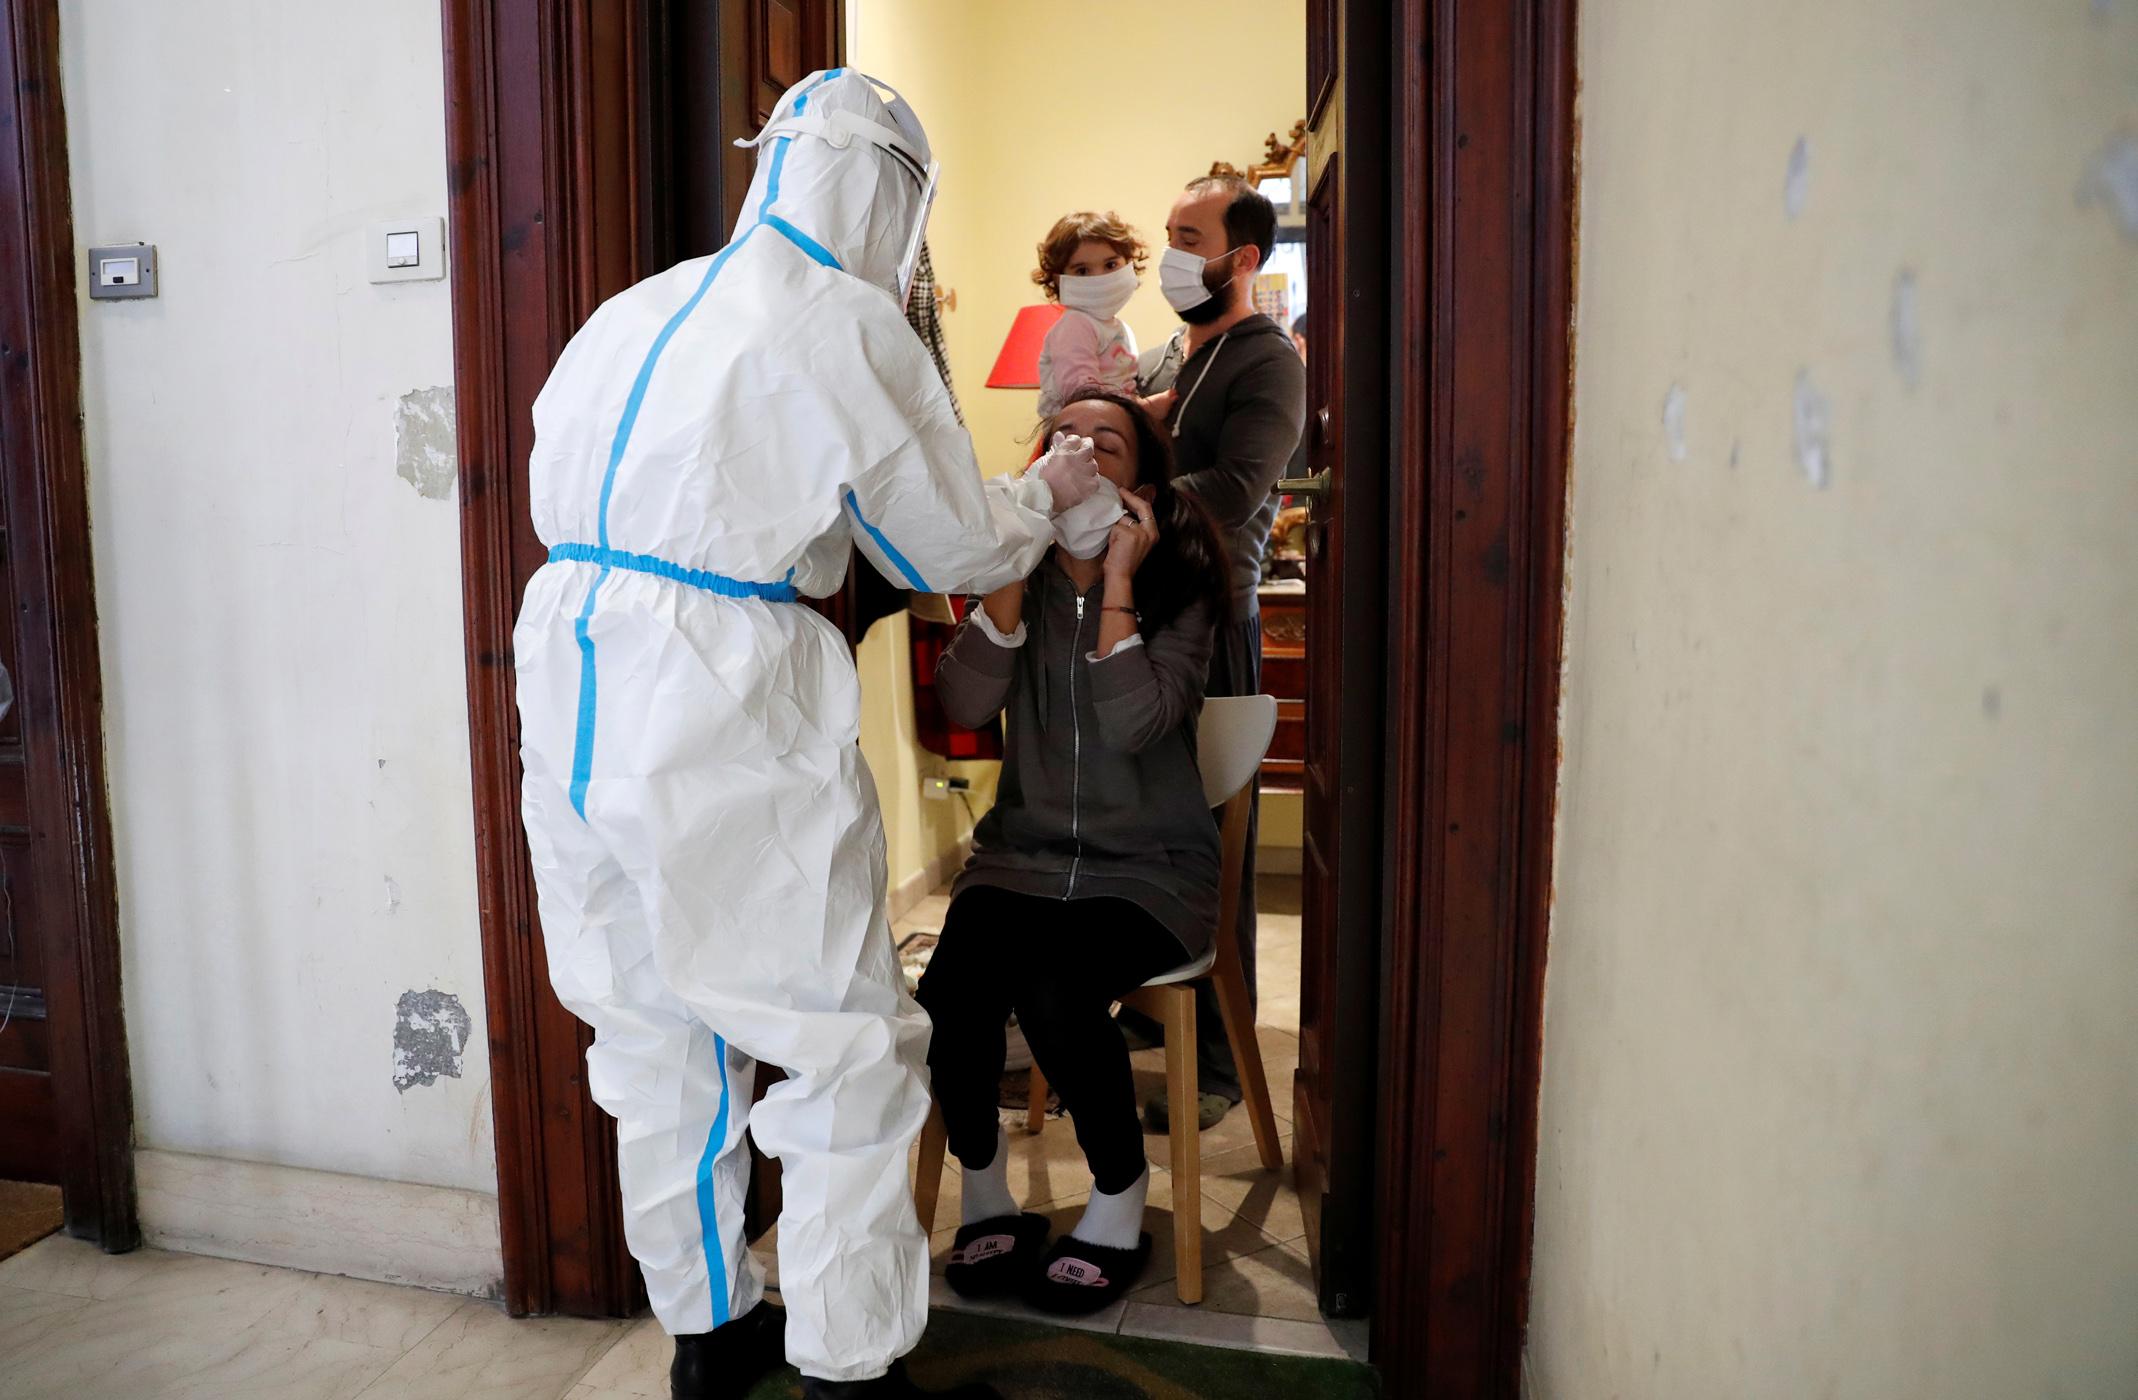 Ιταλία: 761 νεκροί και πάνω από 18.000 κρούσματα κορονοϊού